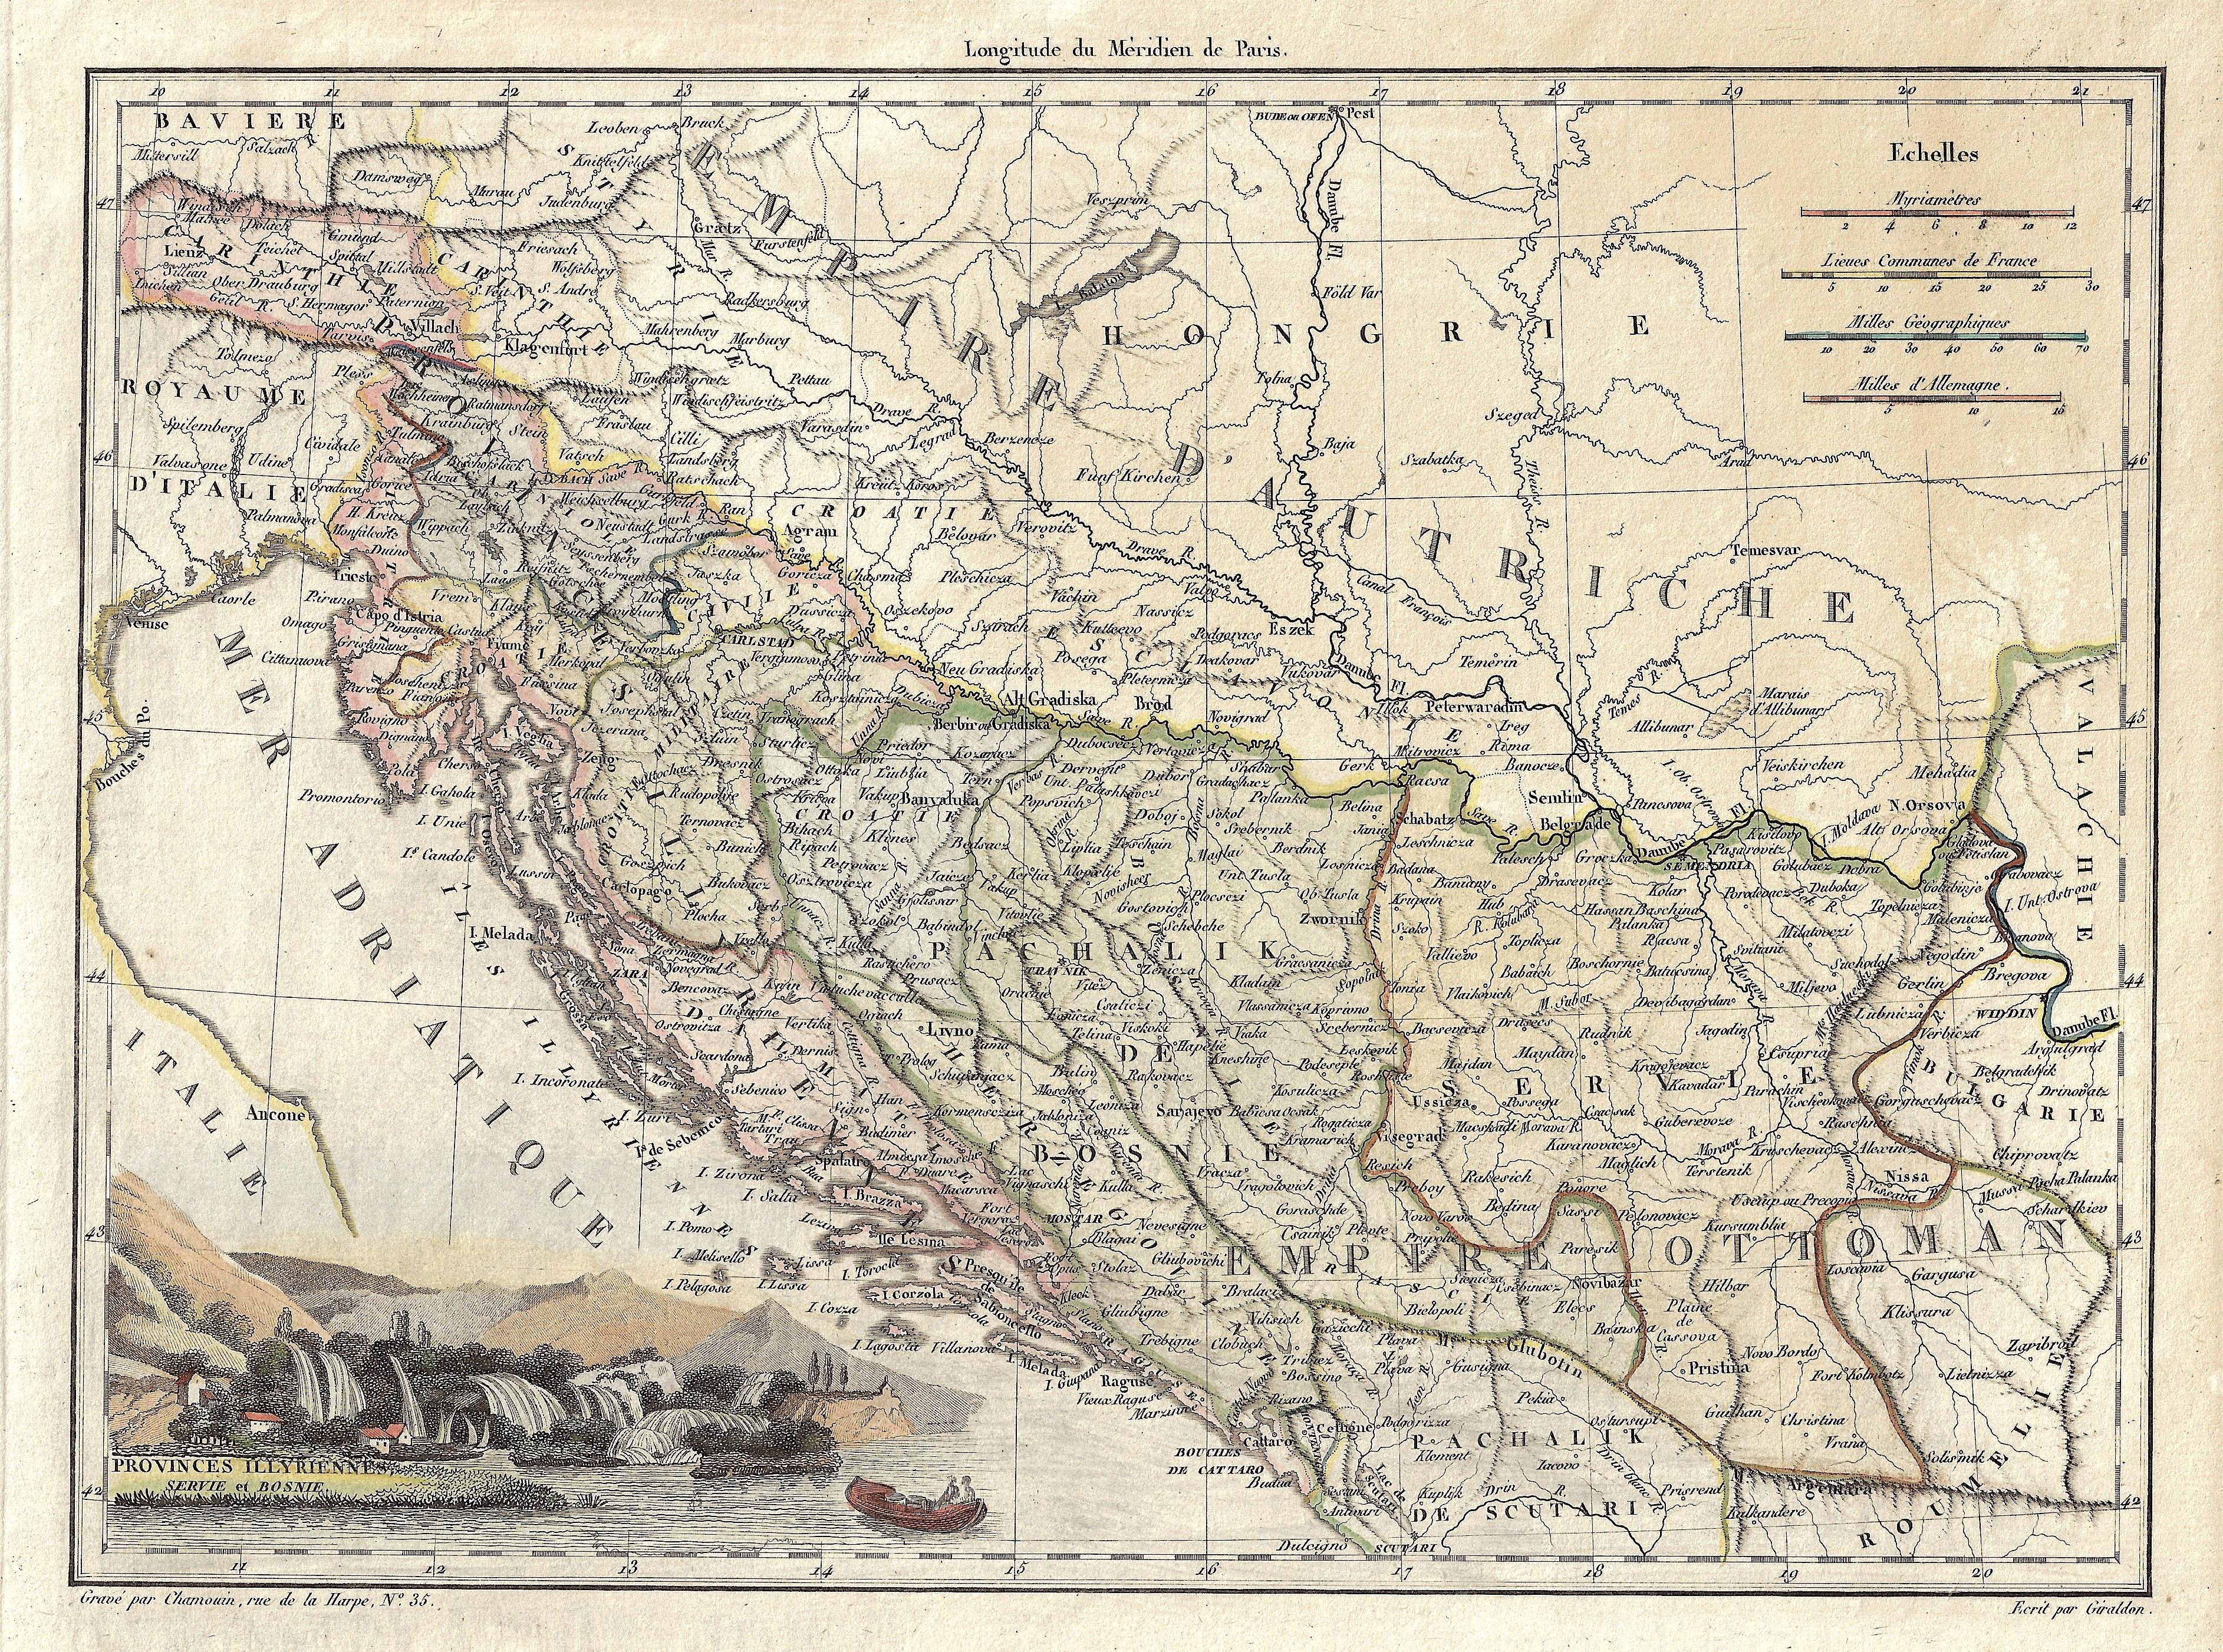 Giraldon  Provinces Illyriennes Servie et Bosnie.